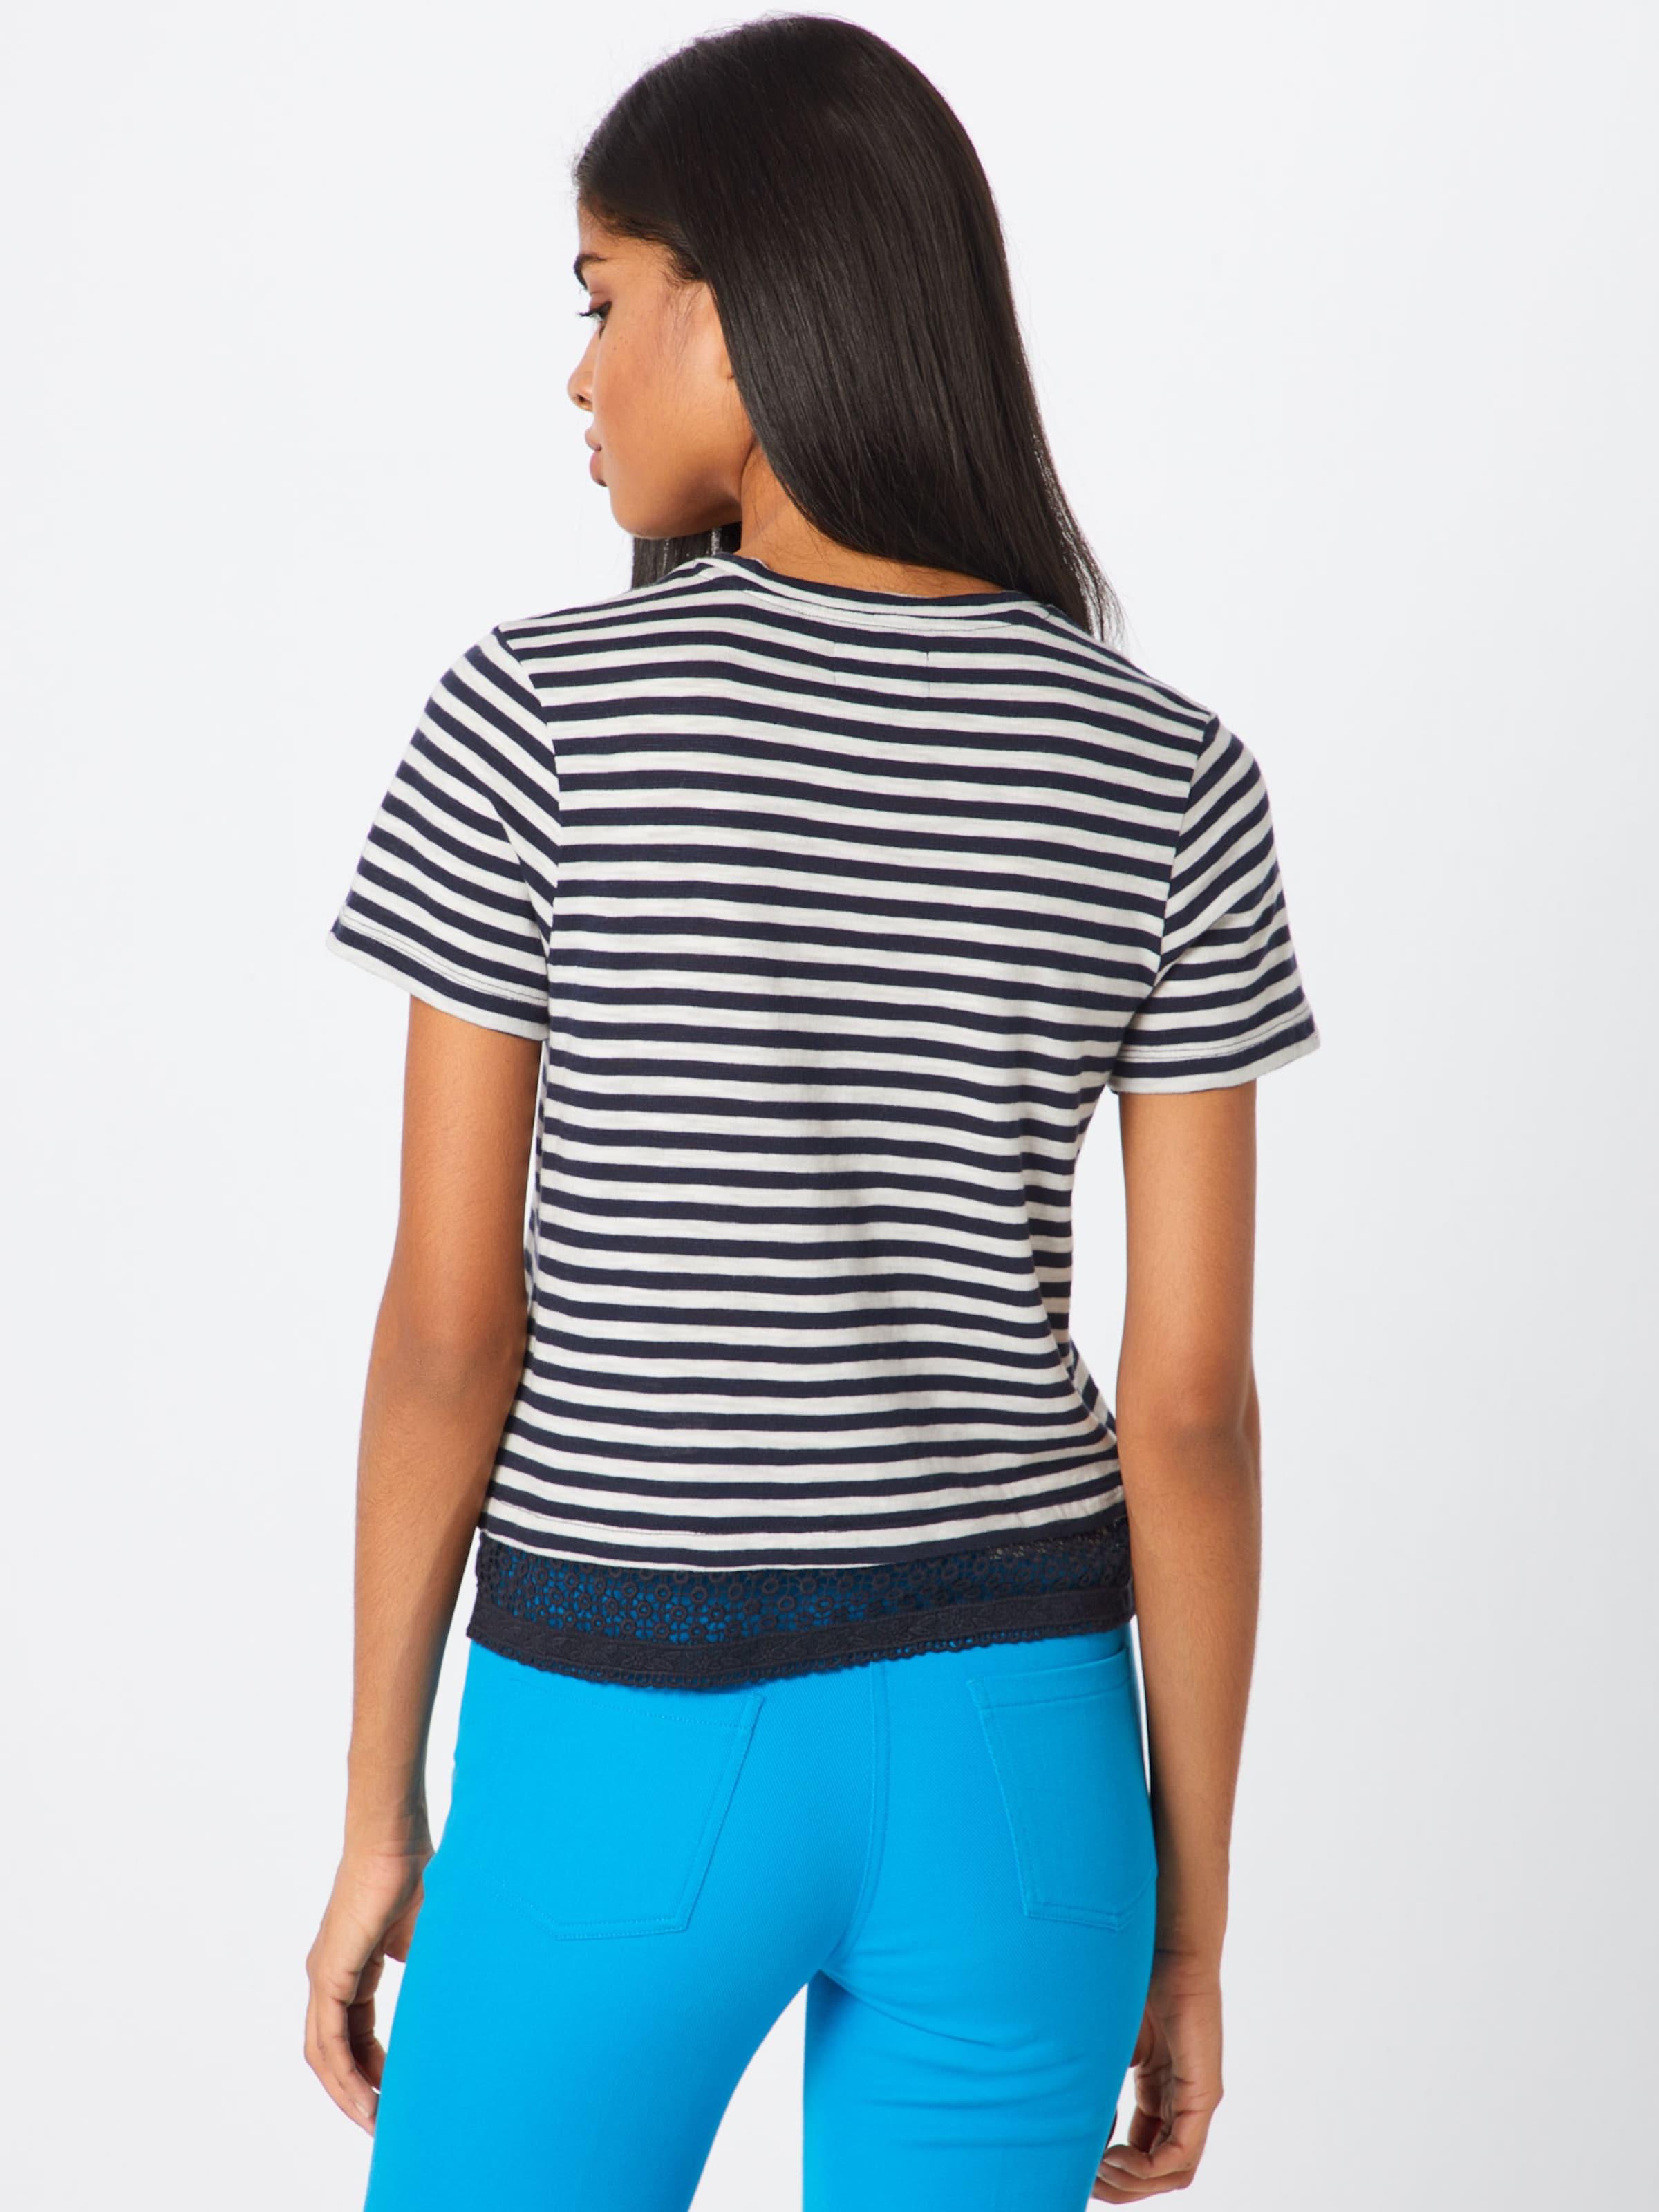 shirt Bleu En Superdry MarineBlanc T iPTZuOkX